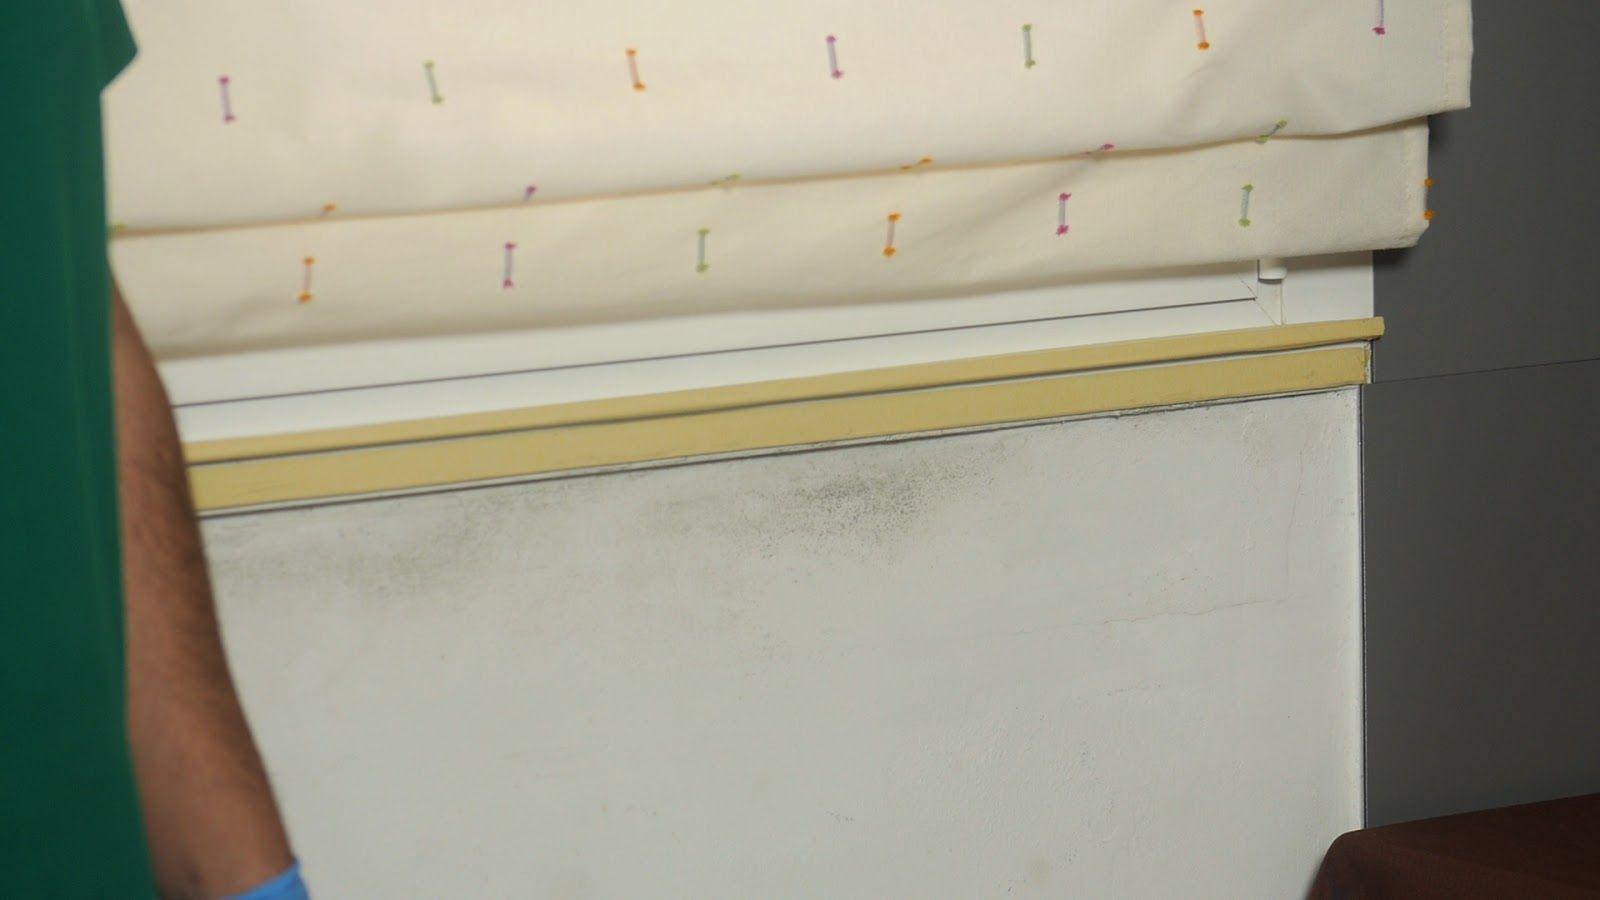 Manchas debidas a la humedad por condensación